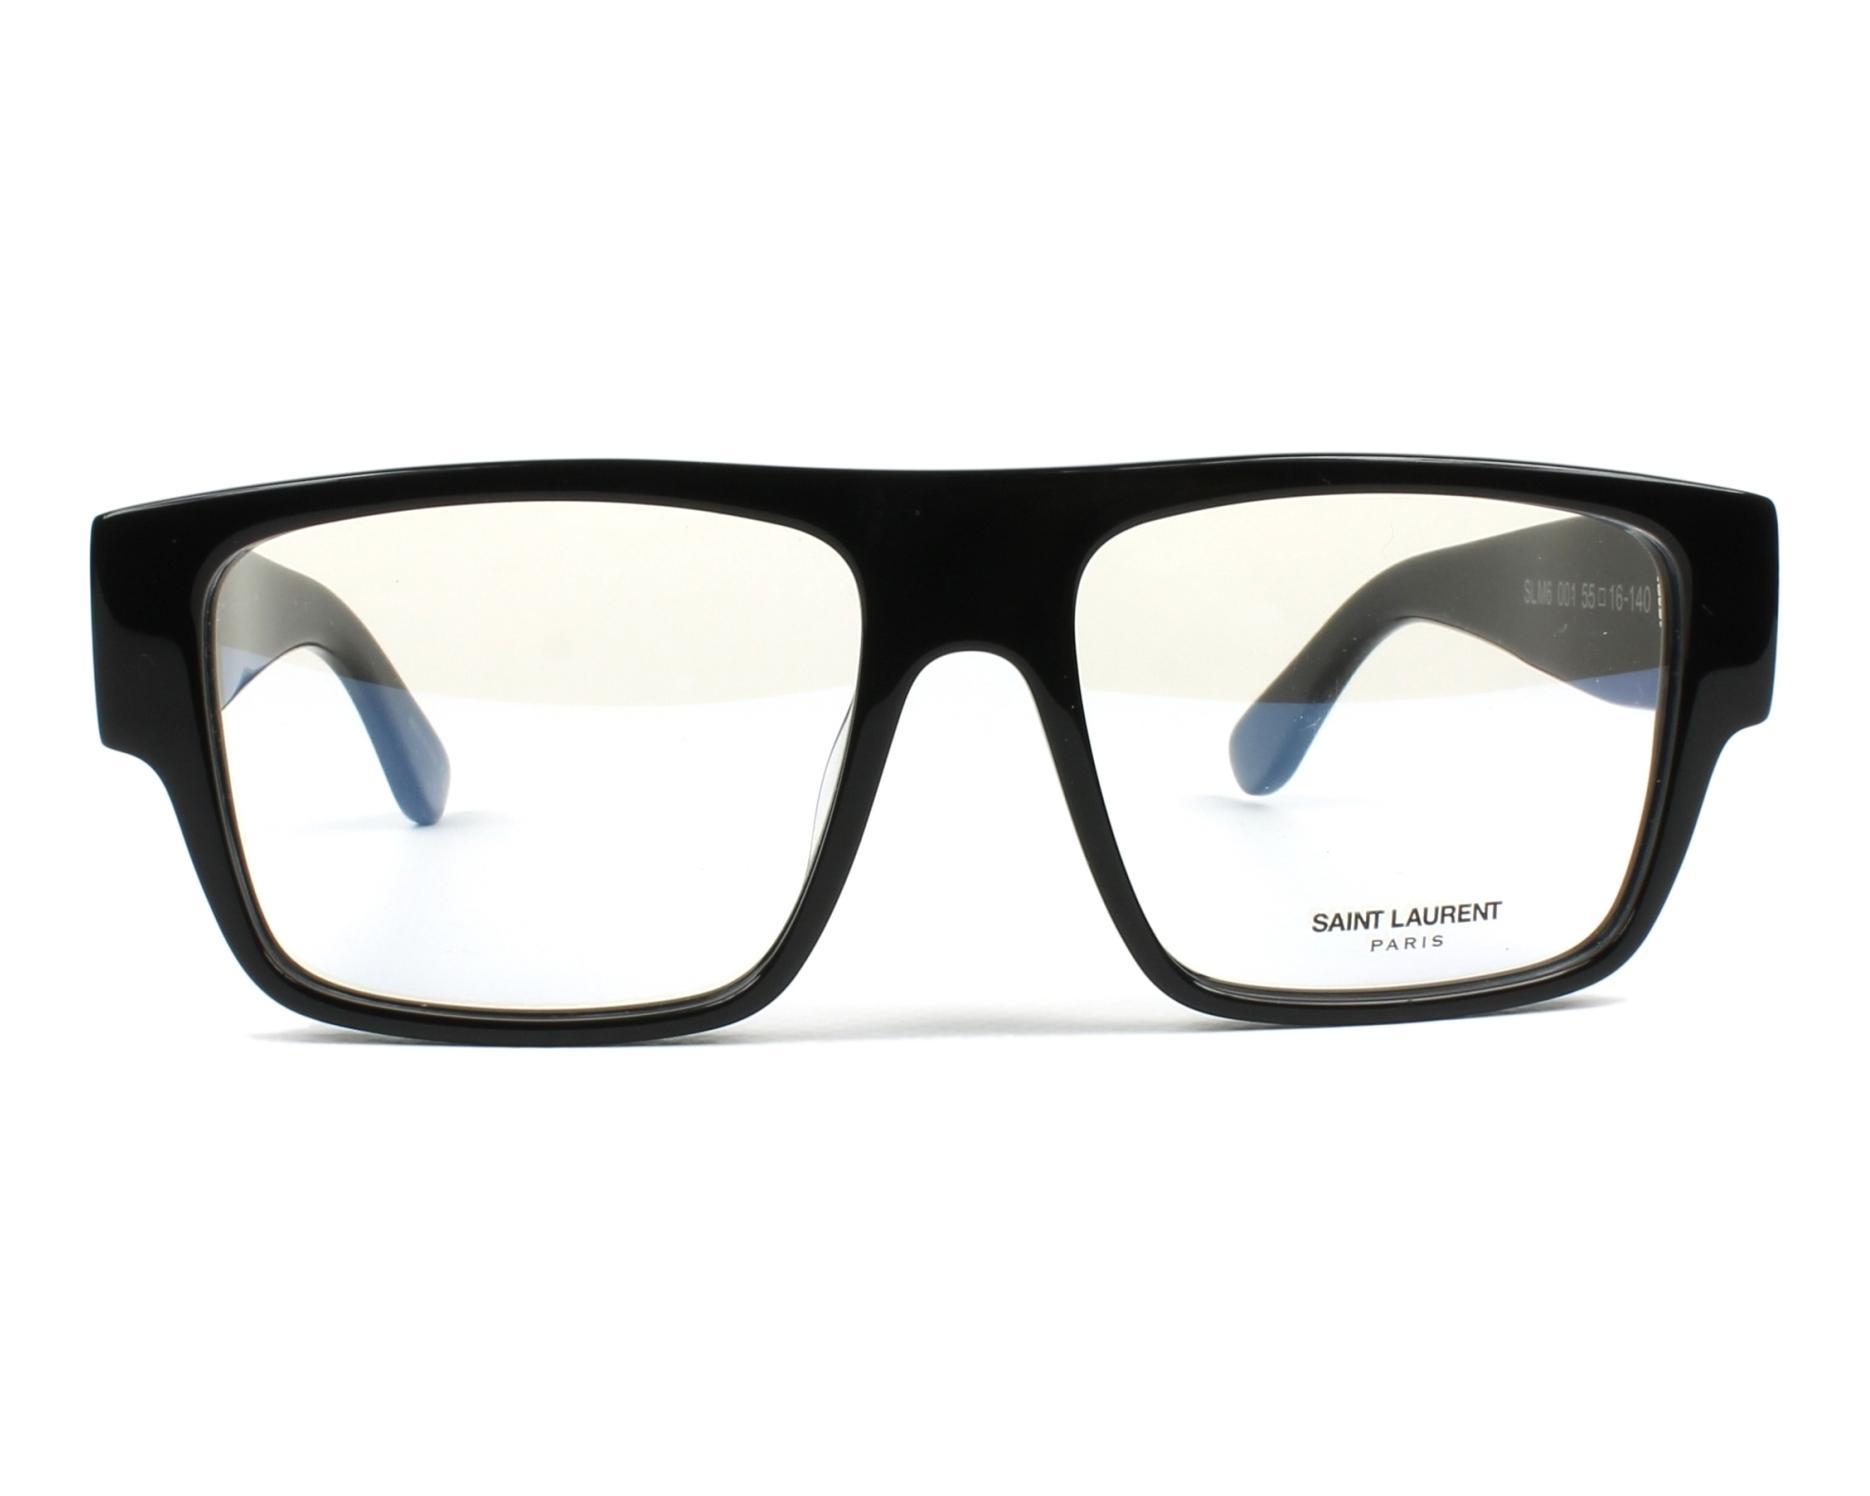 395aea05583f3 Lunettes de vue Yves Saint Laurent SLM-6 001 - Noir vue de face